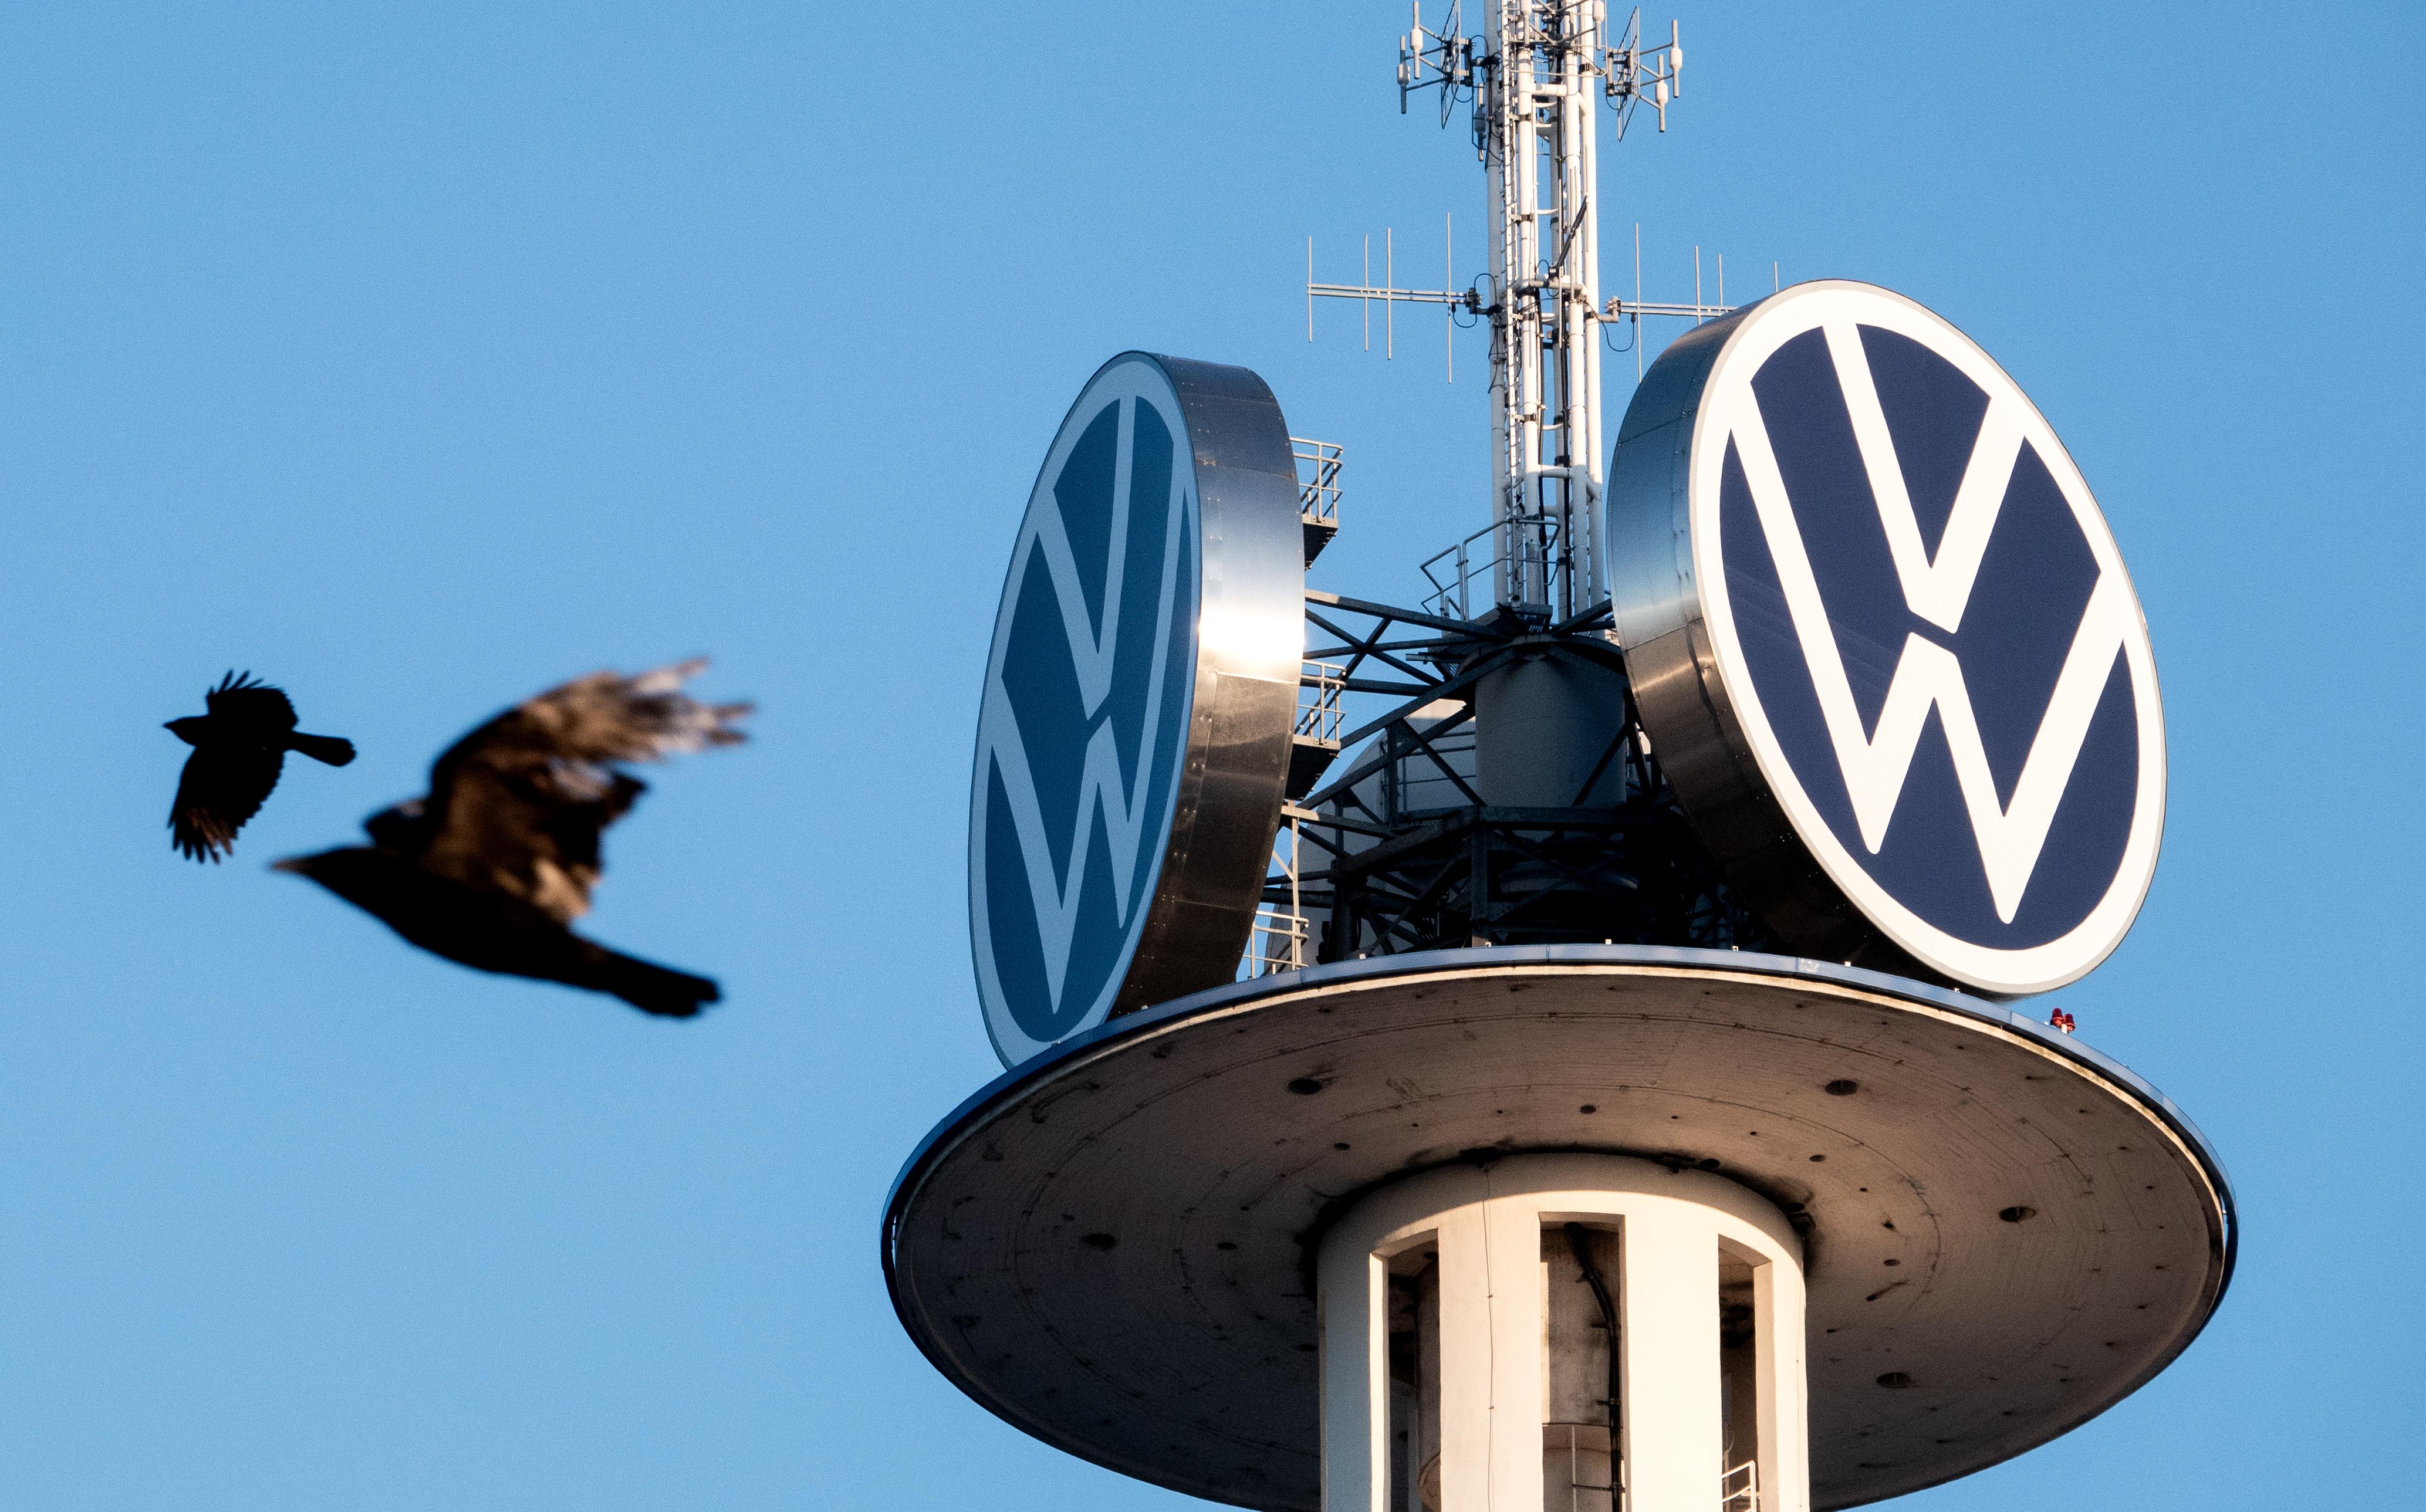 Kanada VW Strafe